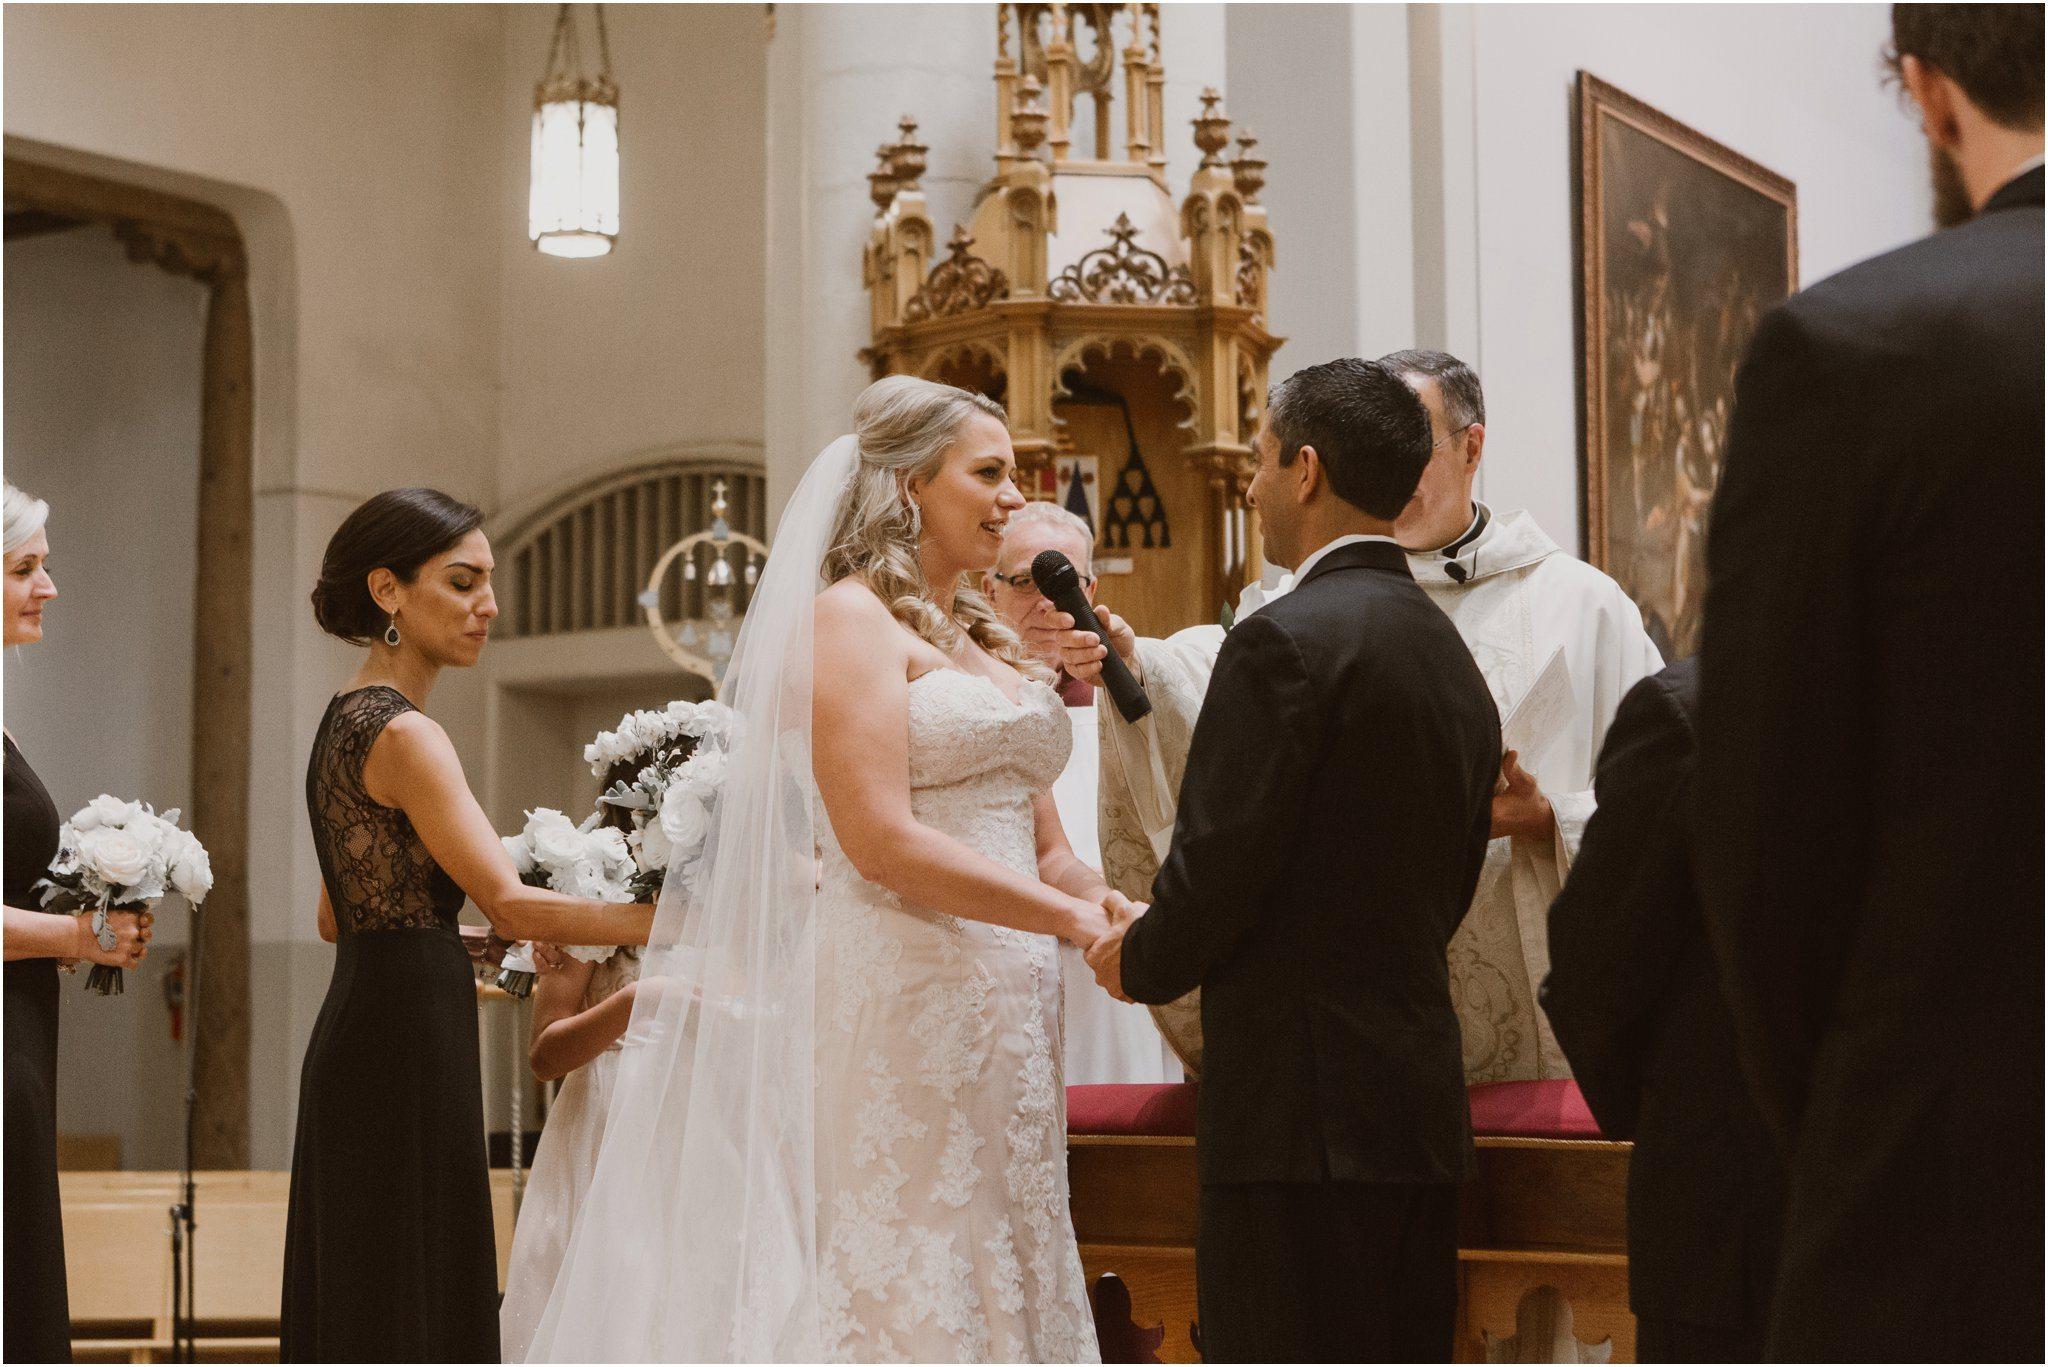 0003Albuquerque _ Santa Fe _ Wedding Photographers _ New Mexico Wedding Photography